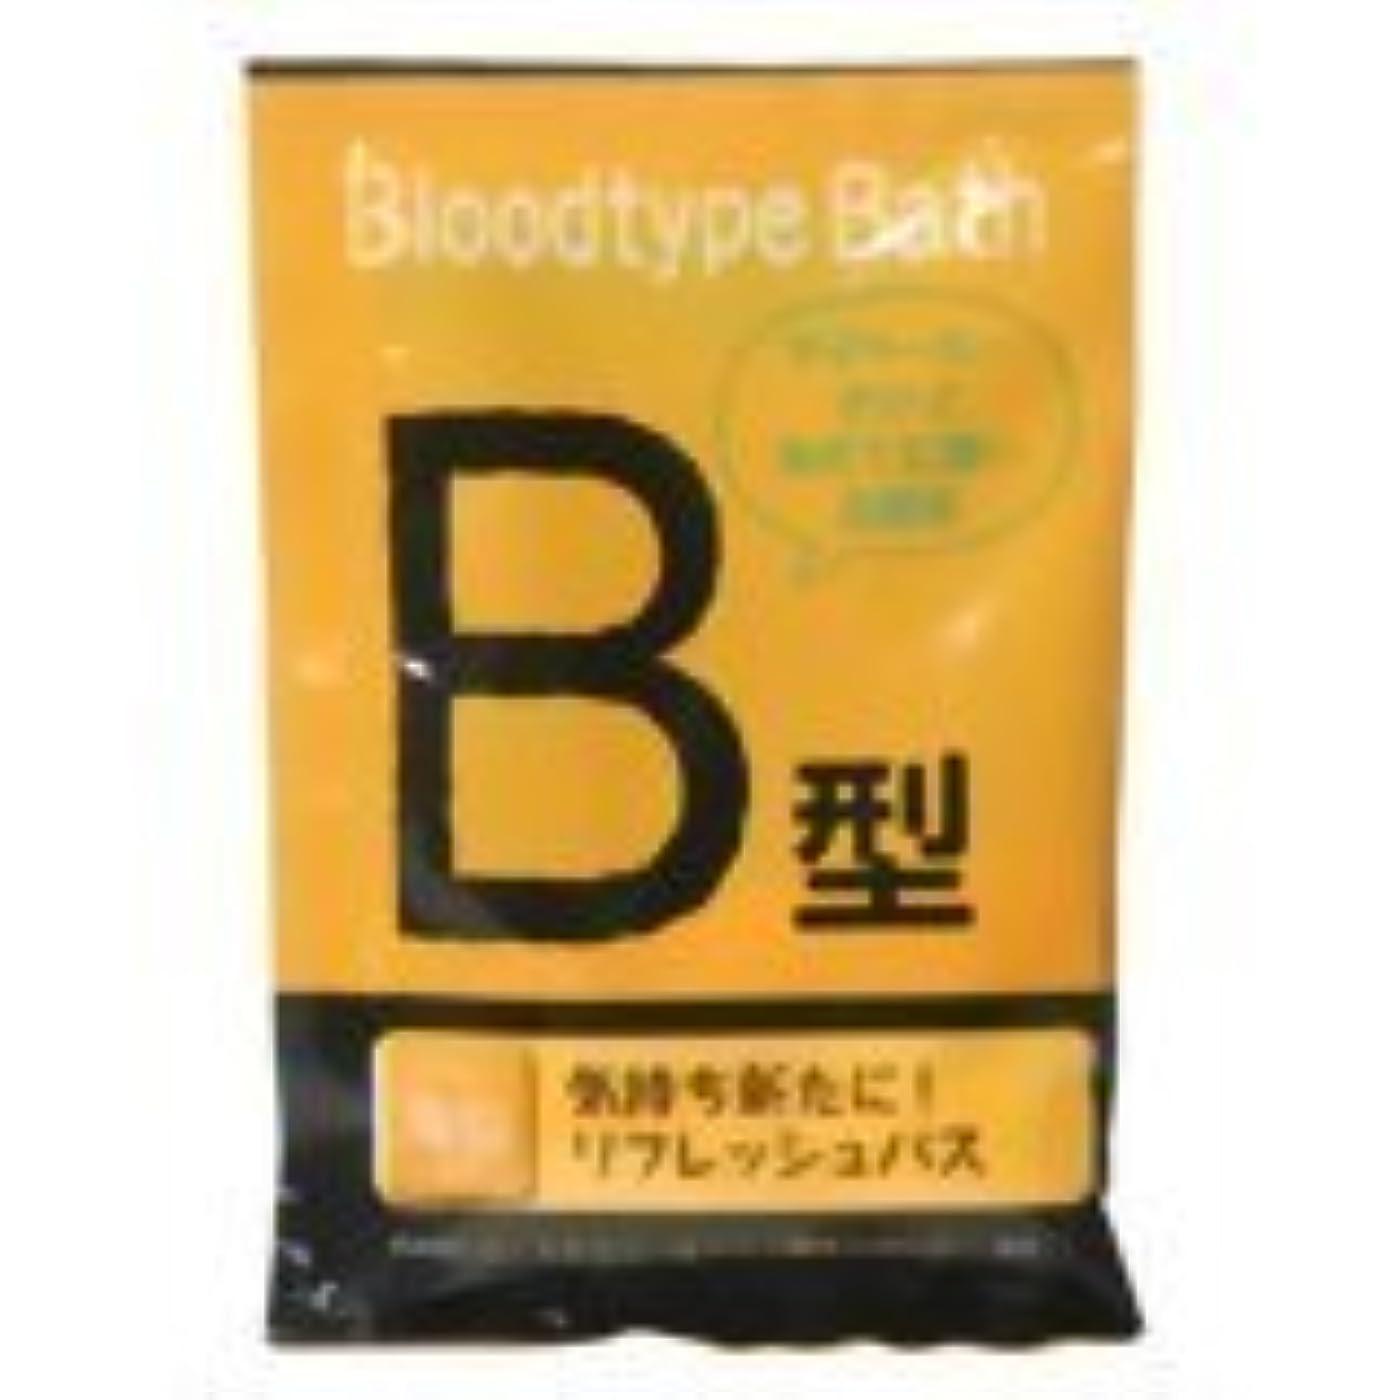 紀陽除虫菊 ブラッドタイプバス B【まとめ買い12個セット】 N-8251